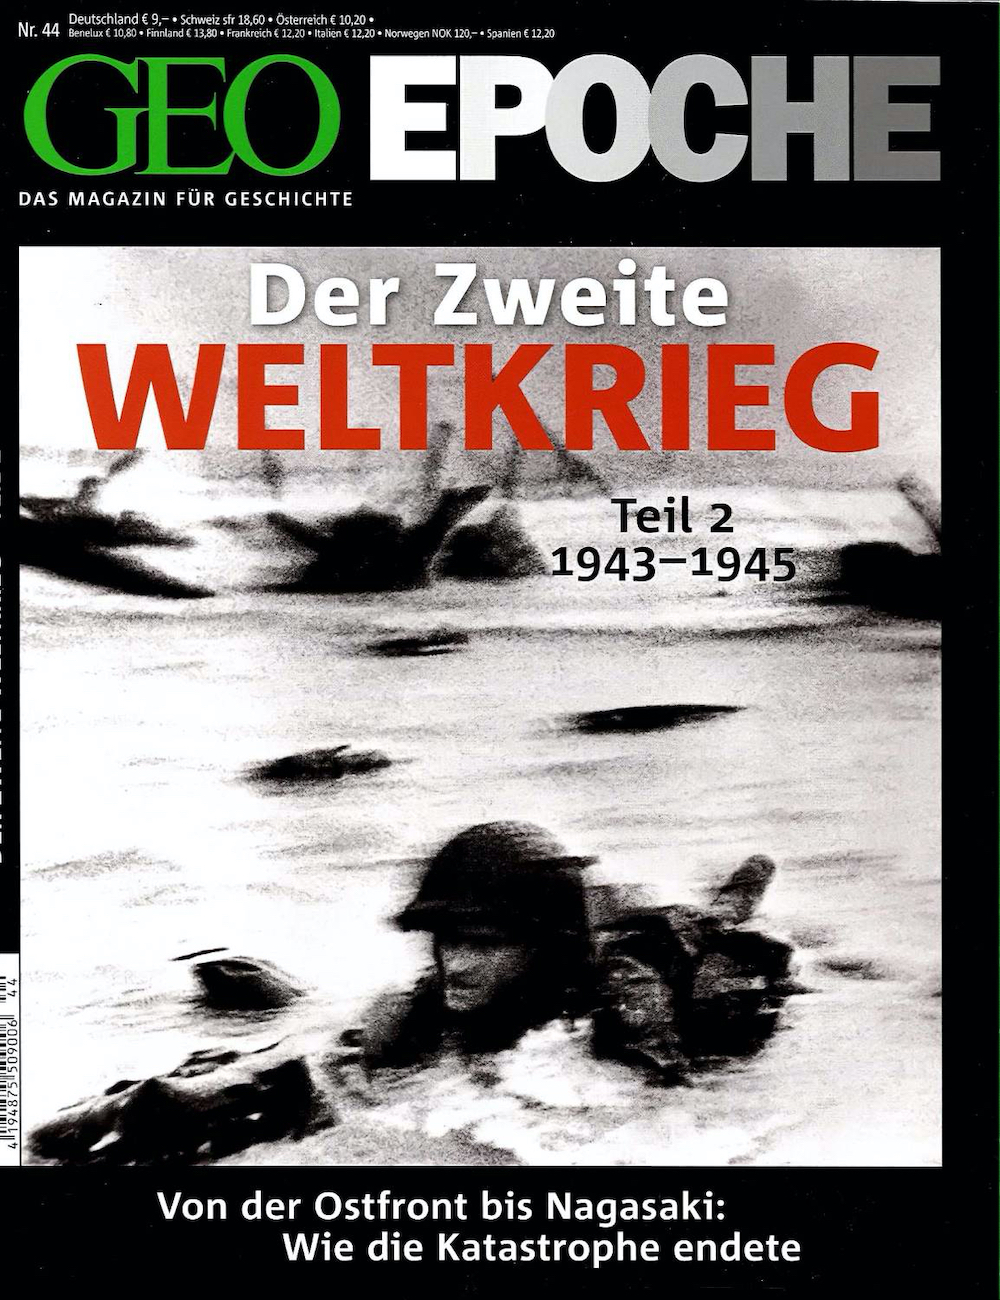 GEO Epoche 2010-44 Der Zweite Weltkrieg - Teil 2